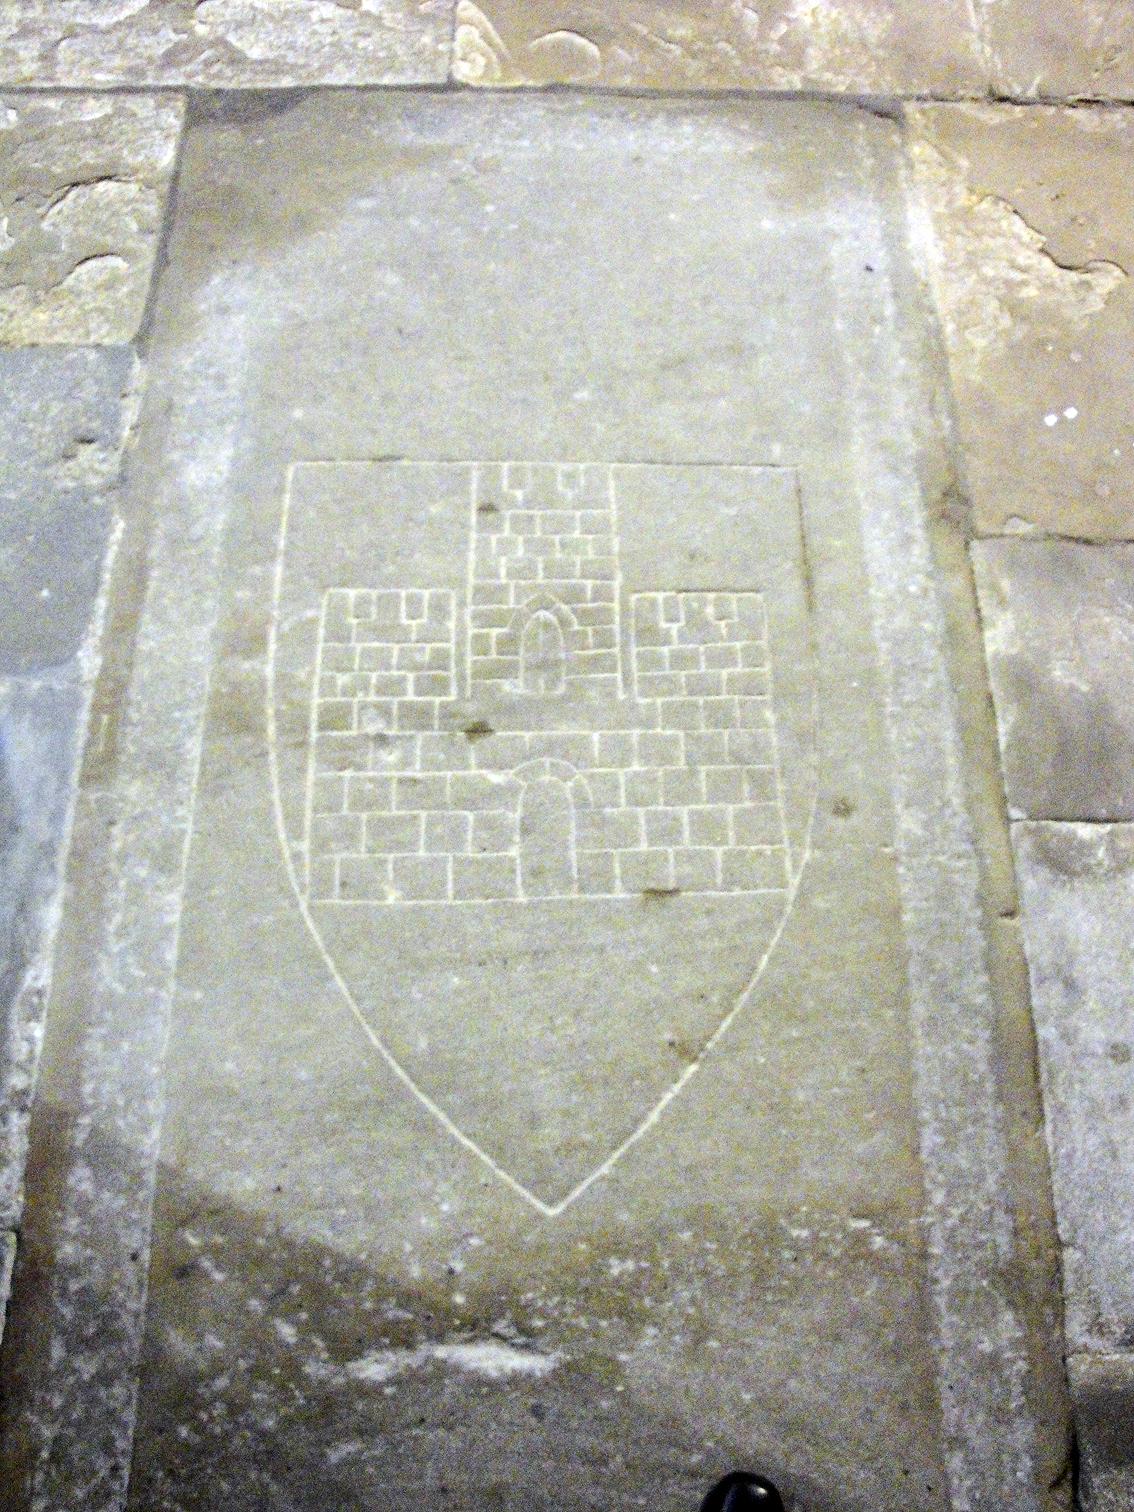 07.07.2013 Llosa sepulcral, amb la representació del castell desaparegut, a Sant Antoni.  Pàmies. -  Jordi Bibià